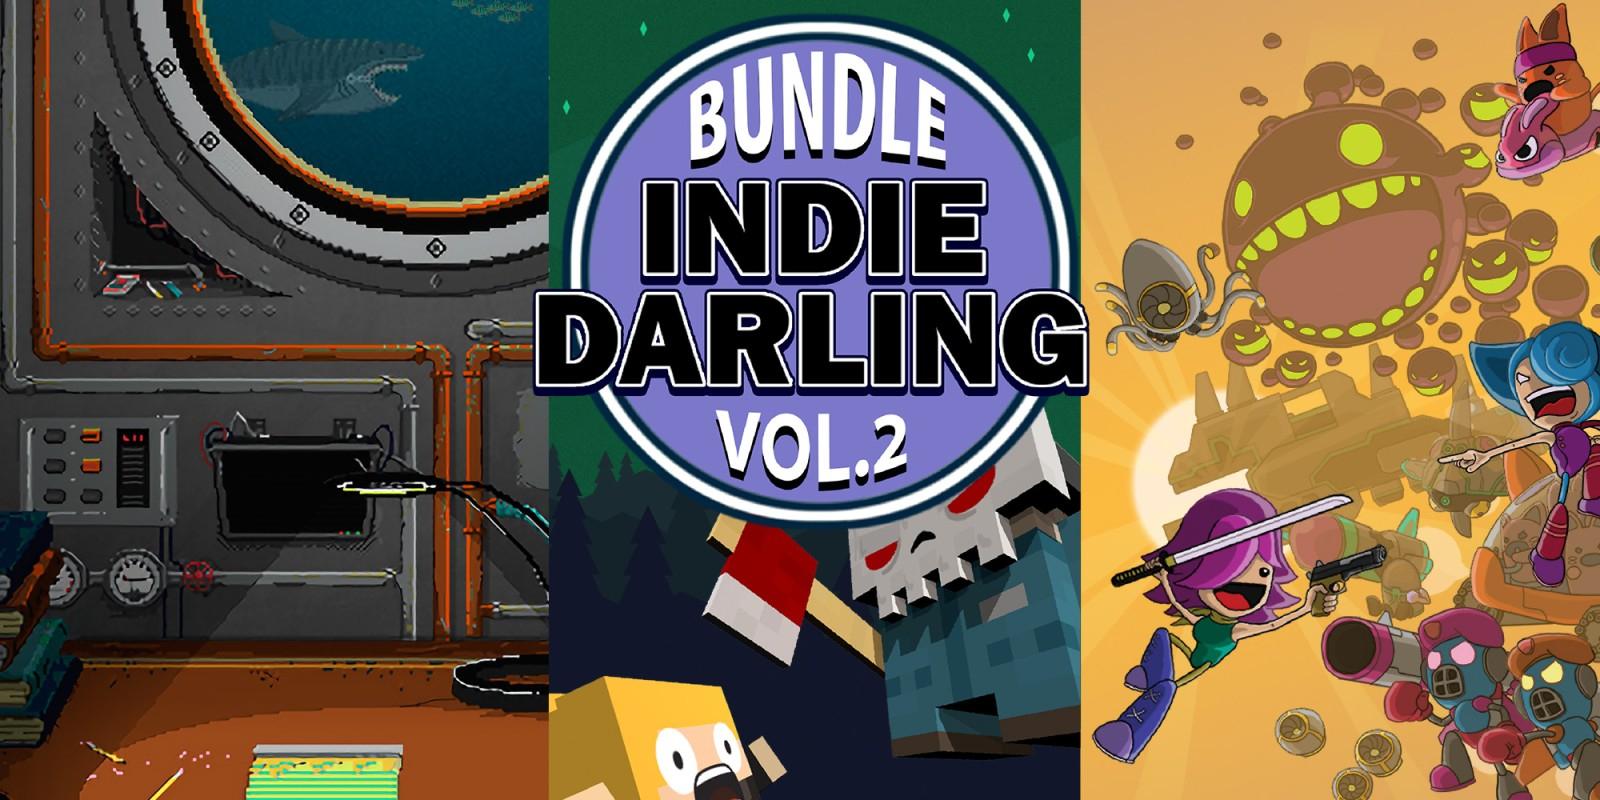 Indie Darling Bundle Vol 2 sur Nintendo Switch (Dématérialisé)